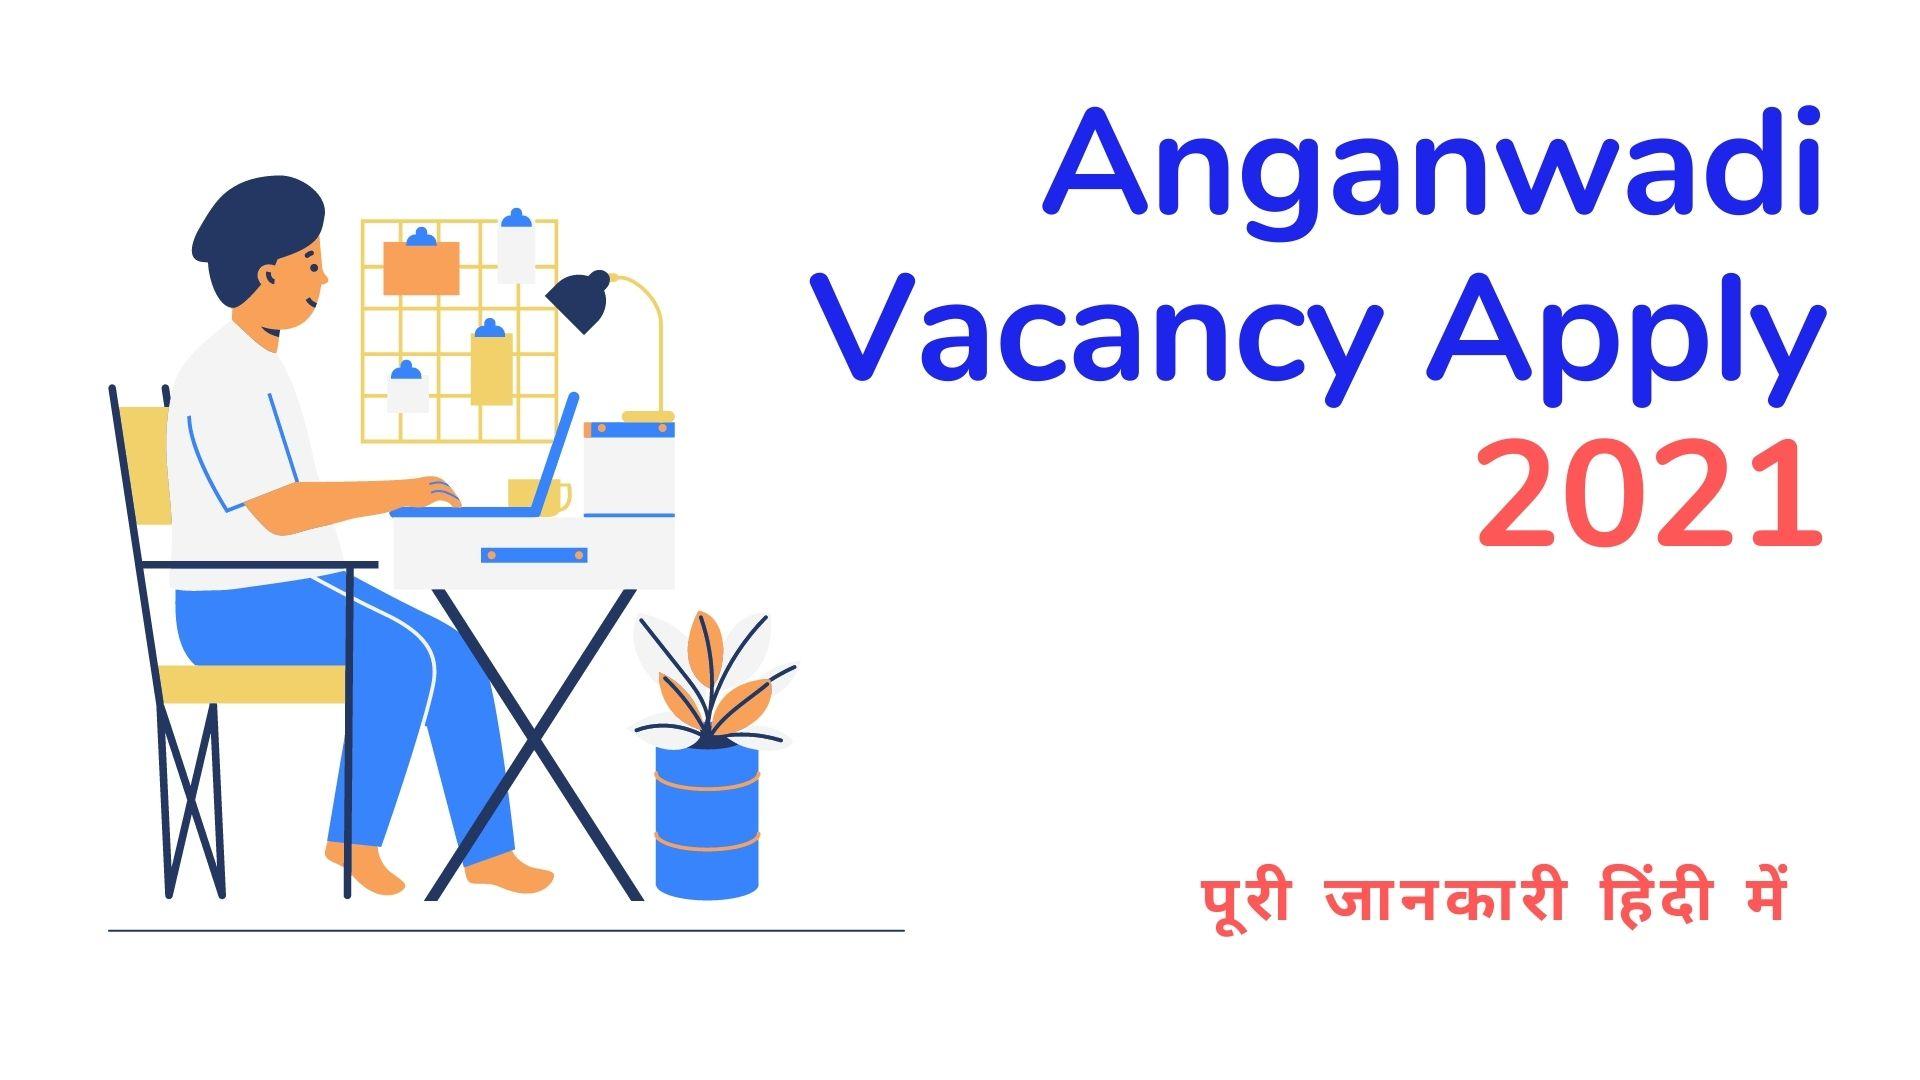 Anganwadi Vacancy